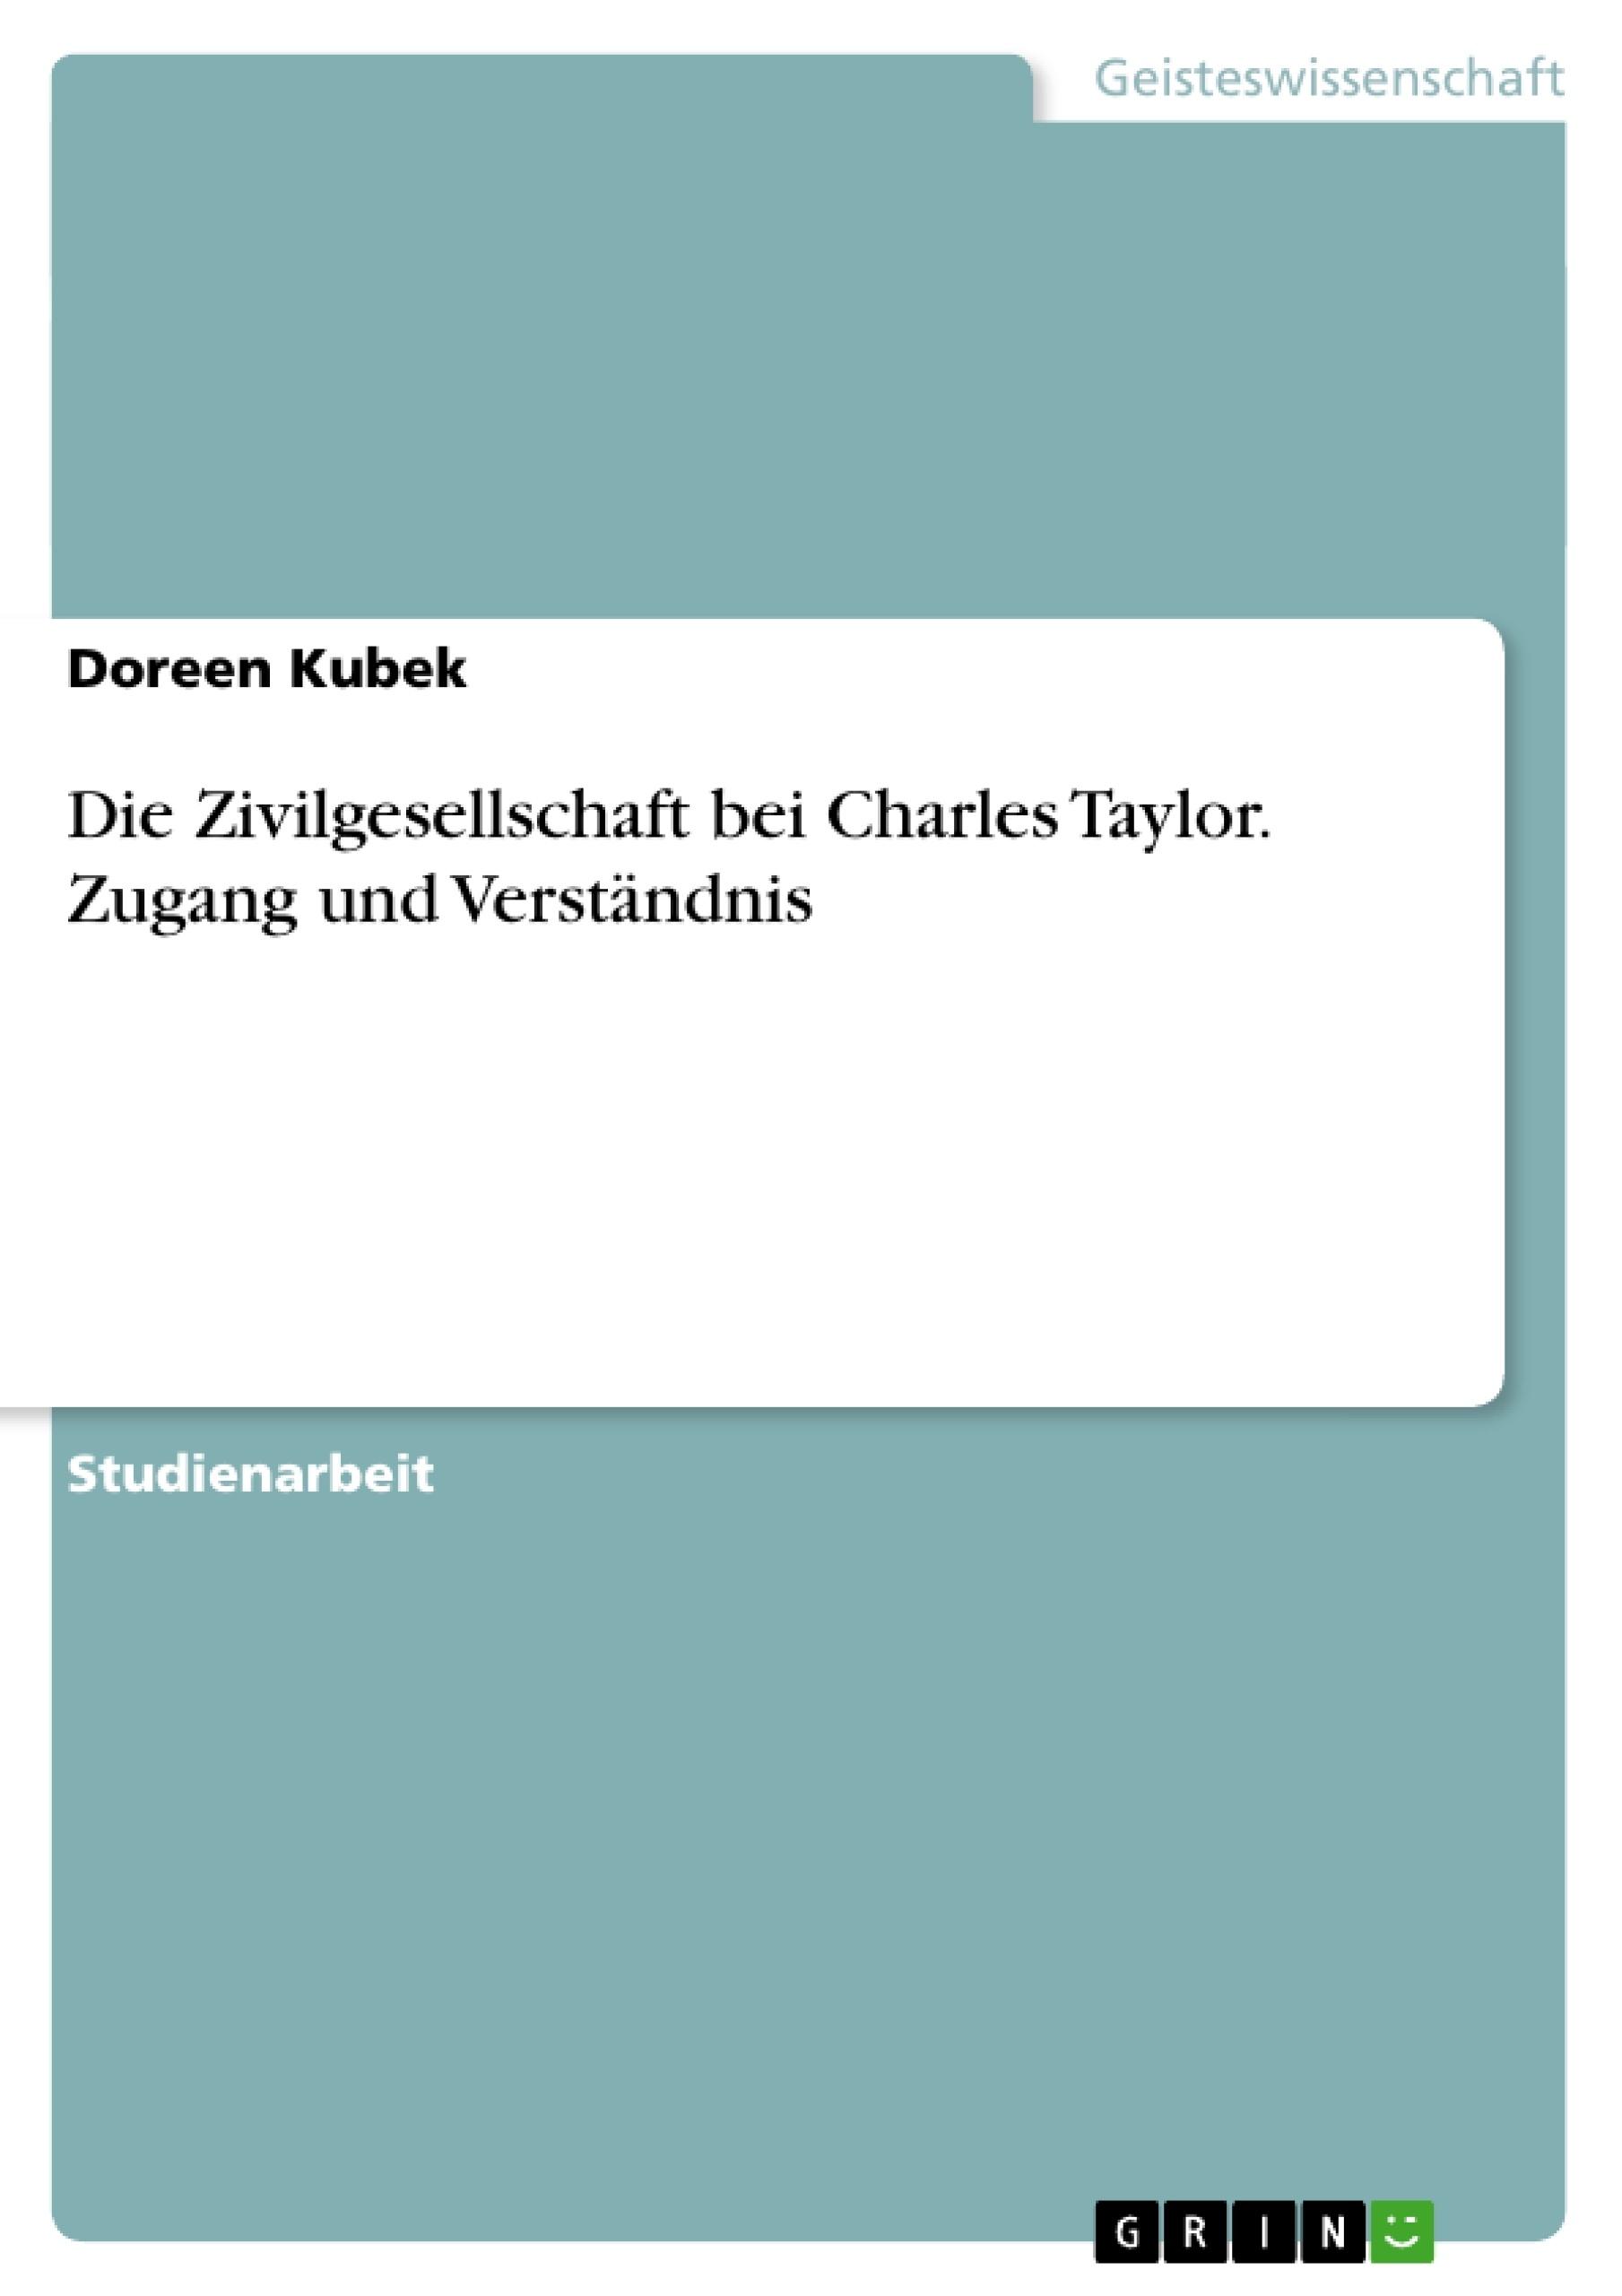 Titel: Die Zivilgesellschaft bei Charles Taylor. Zugang und Verständnis